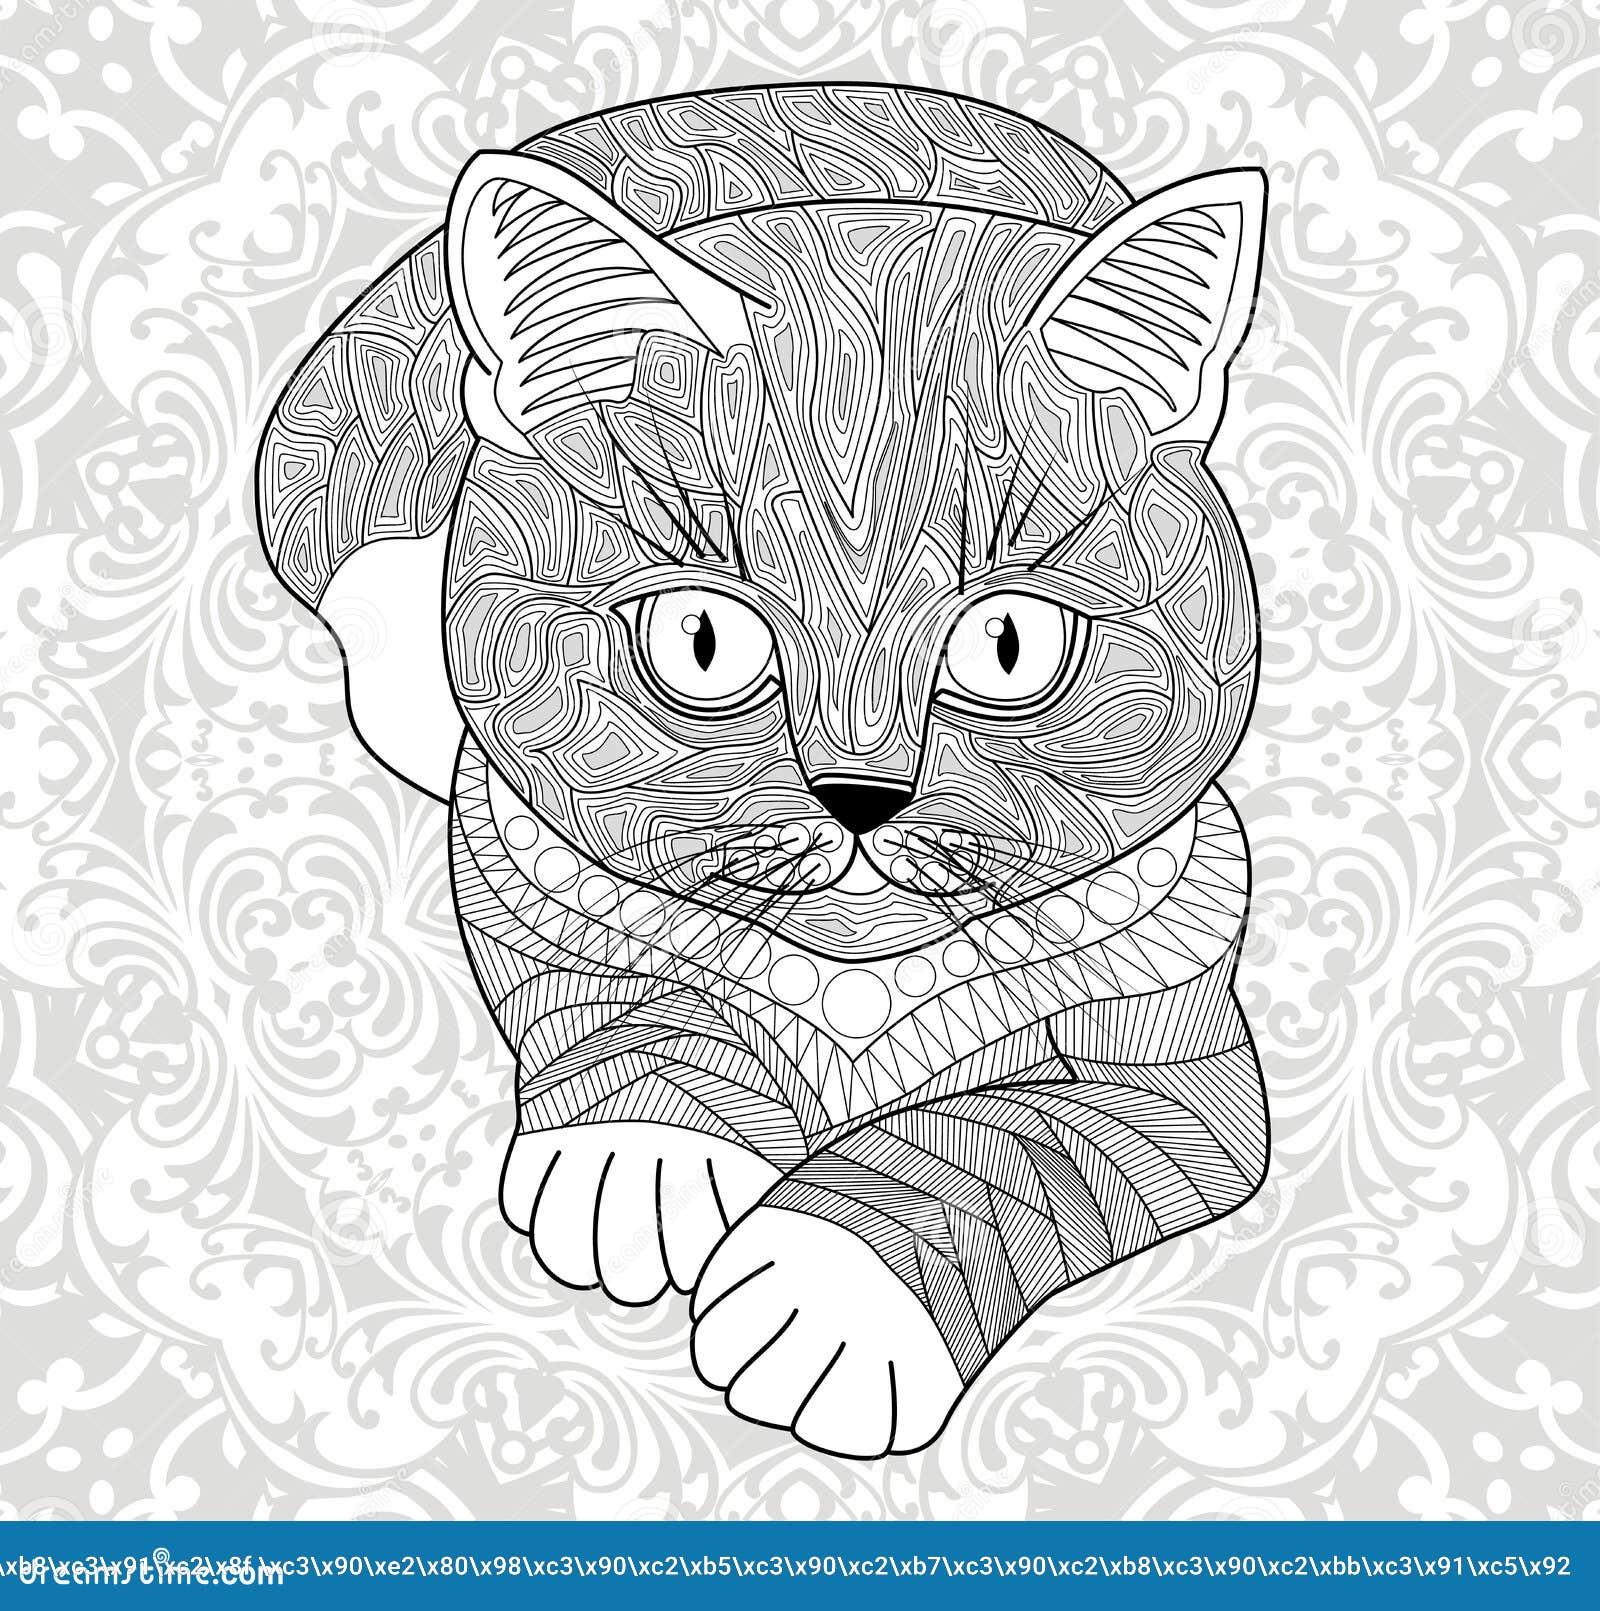 Антистрессовые раскраски мандалы животные